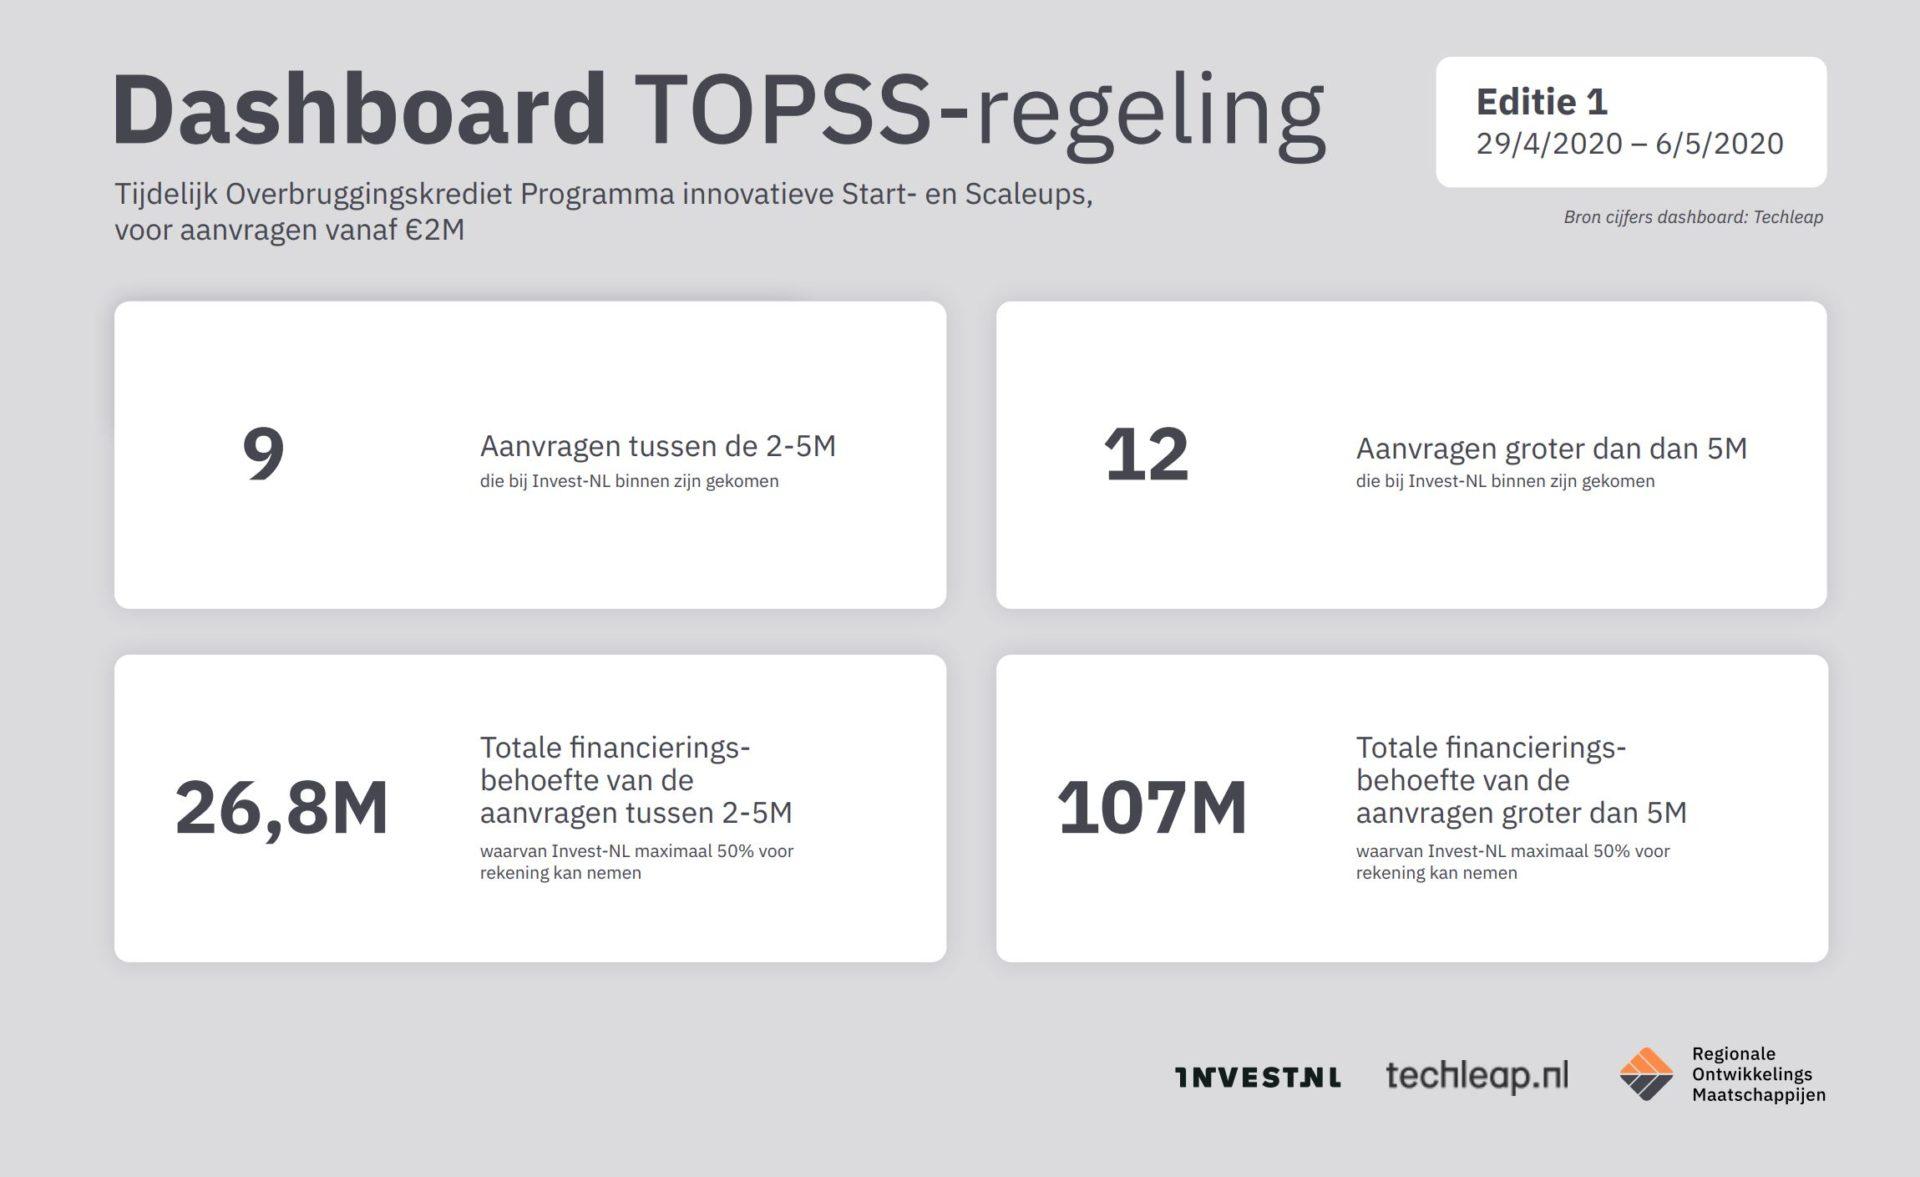 Dashboard TOPSS-regeling